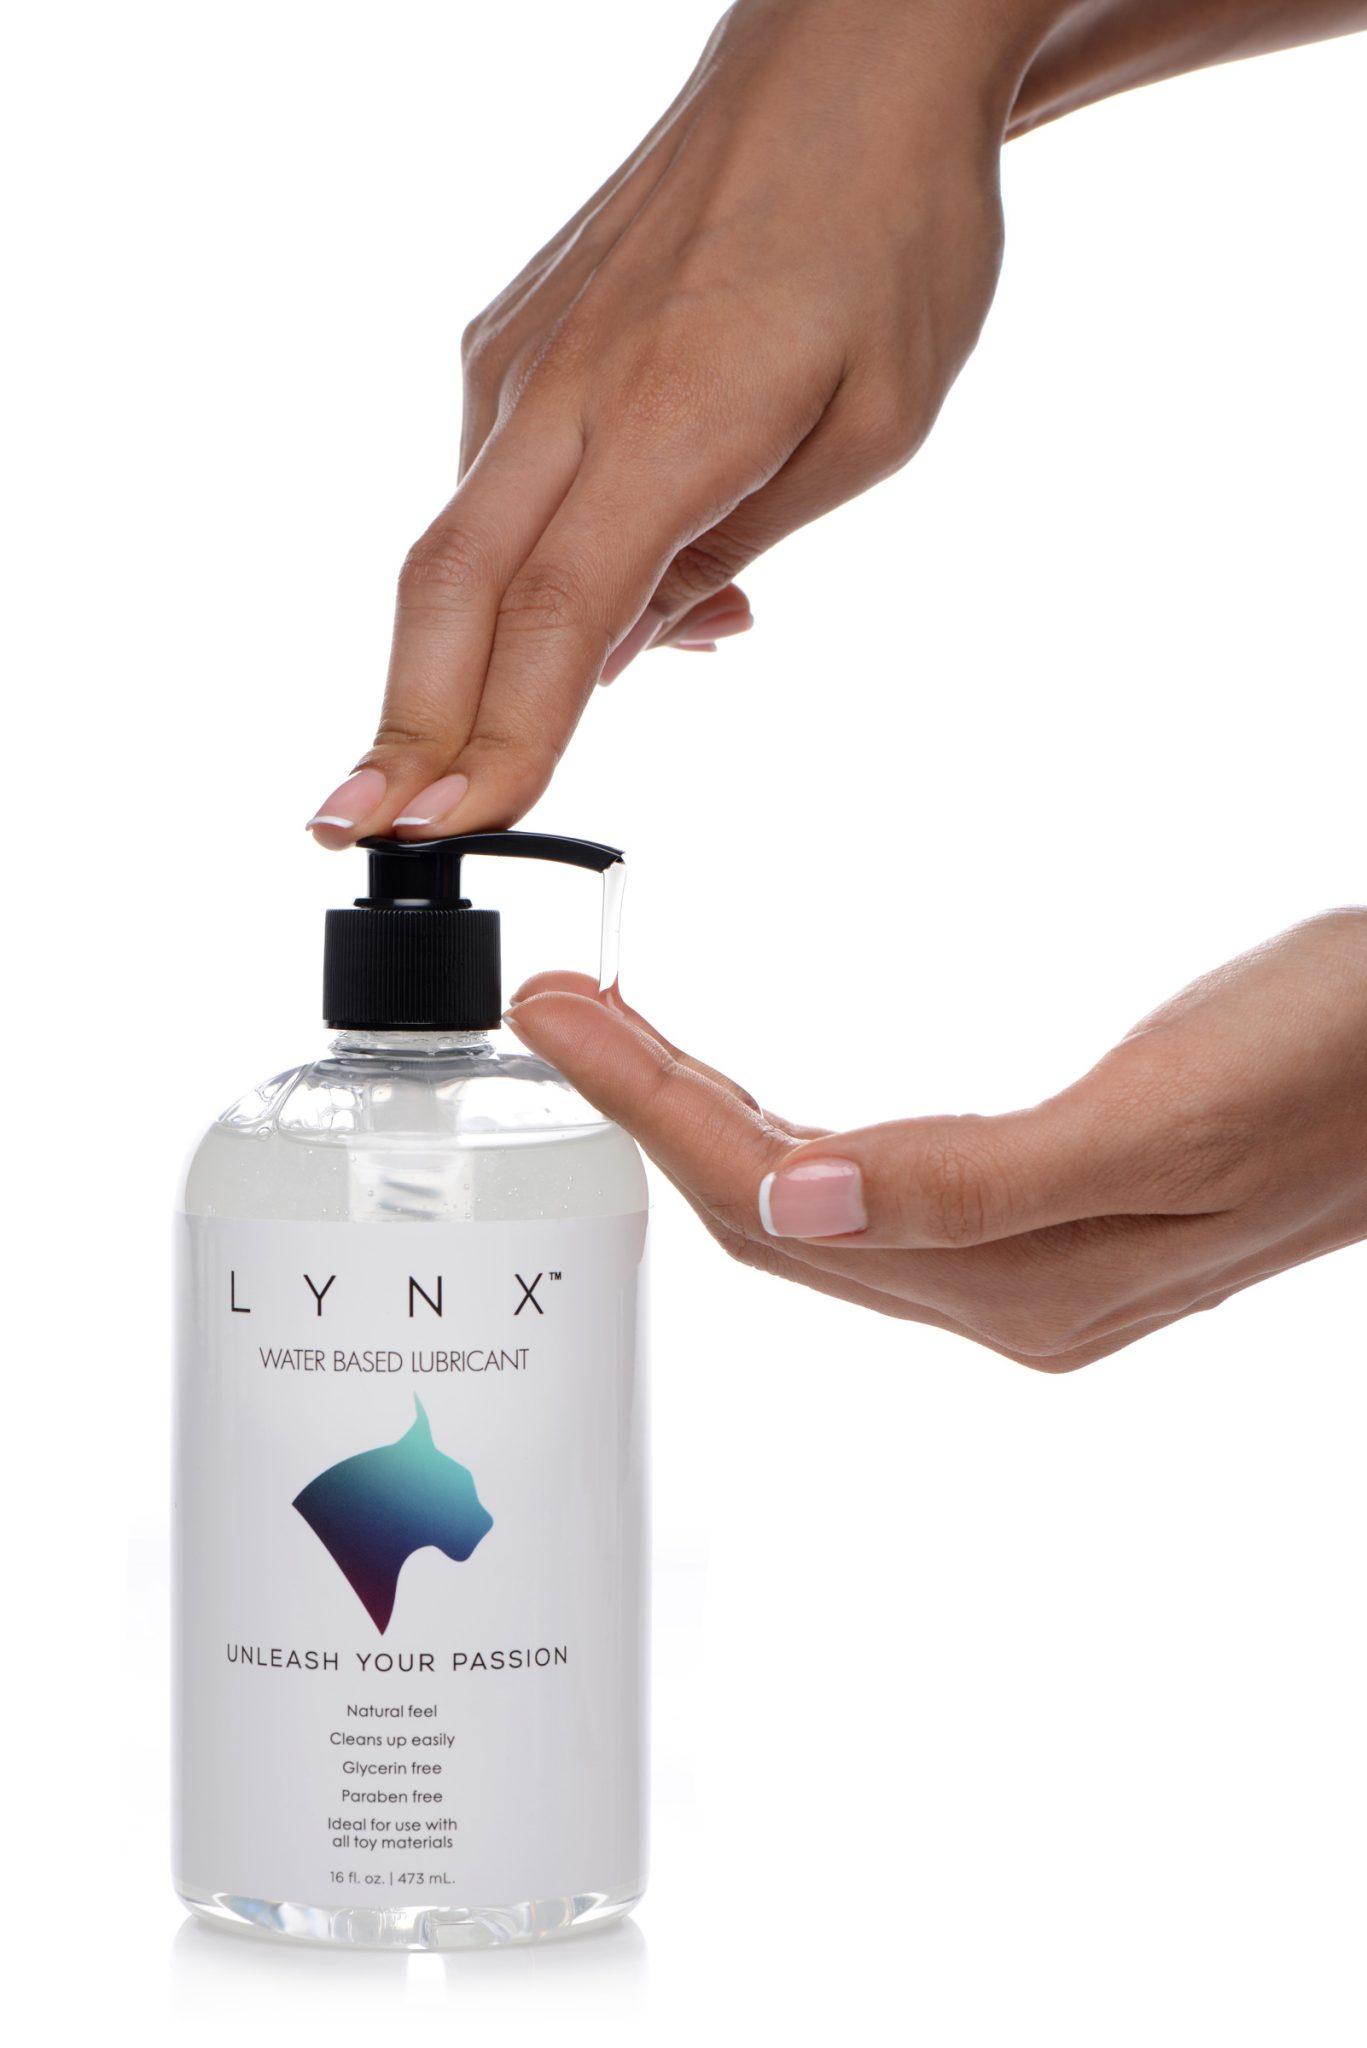 Lynx Water-Based Lubricant – 16oz